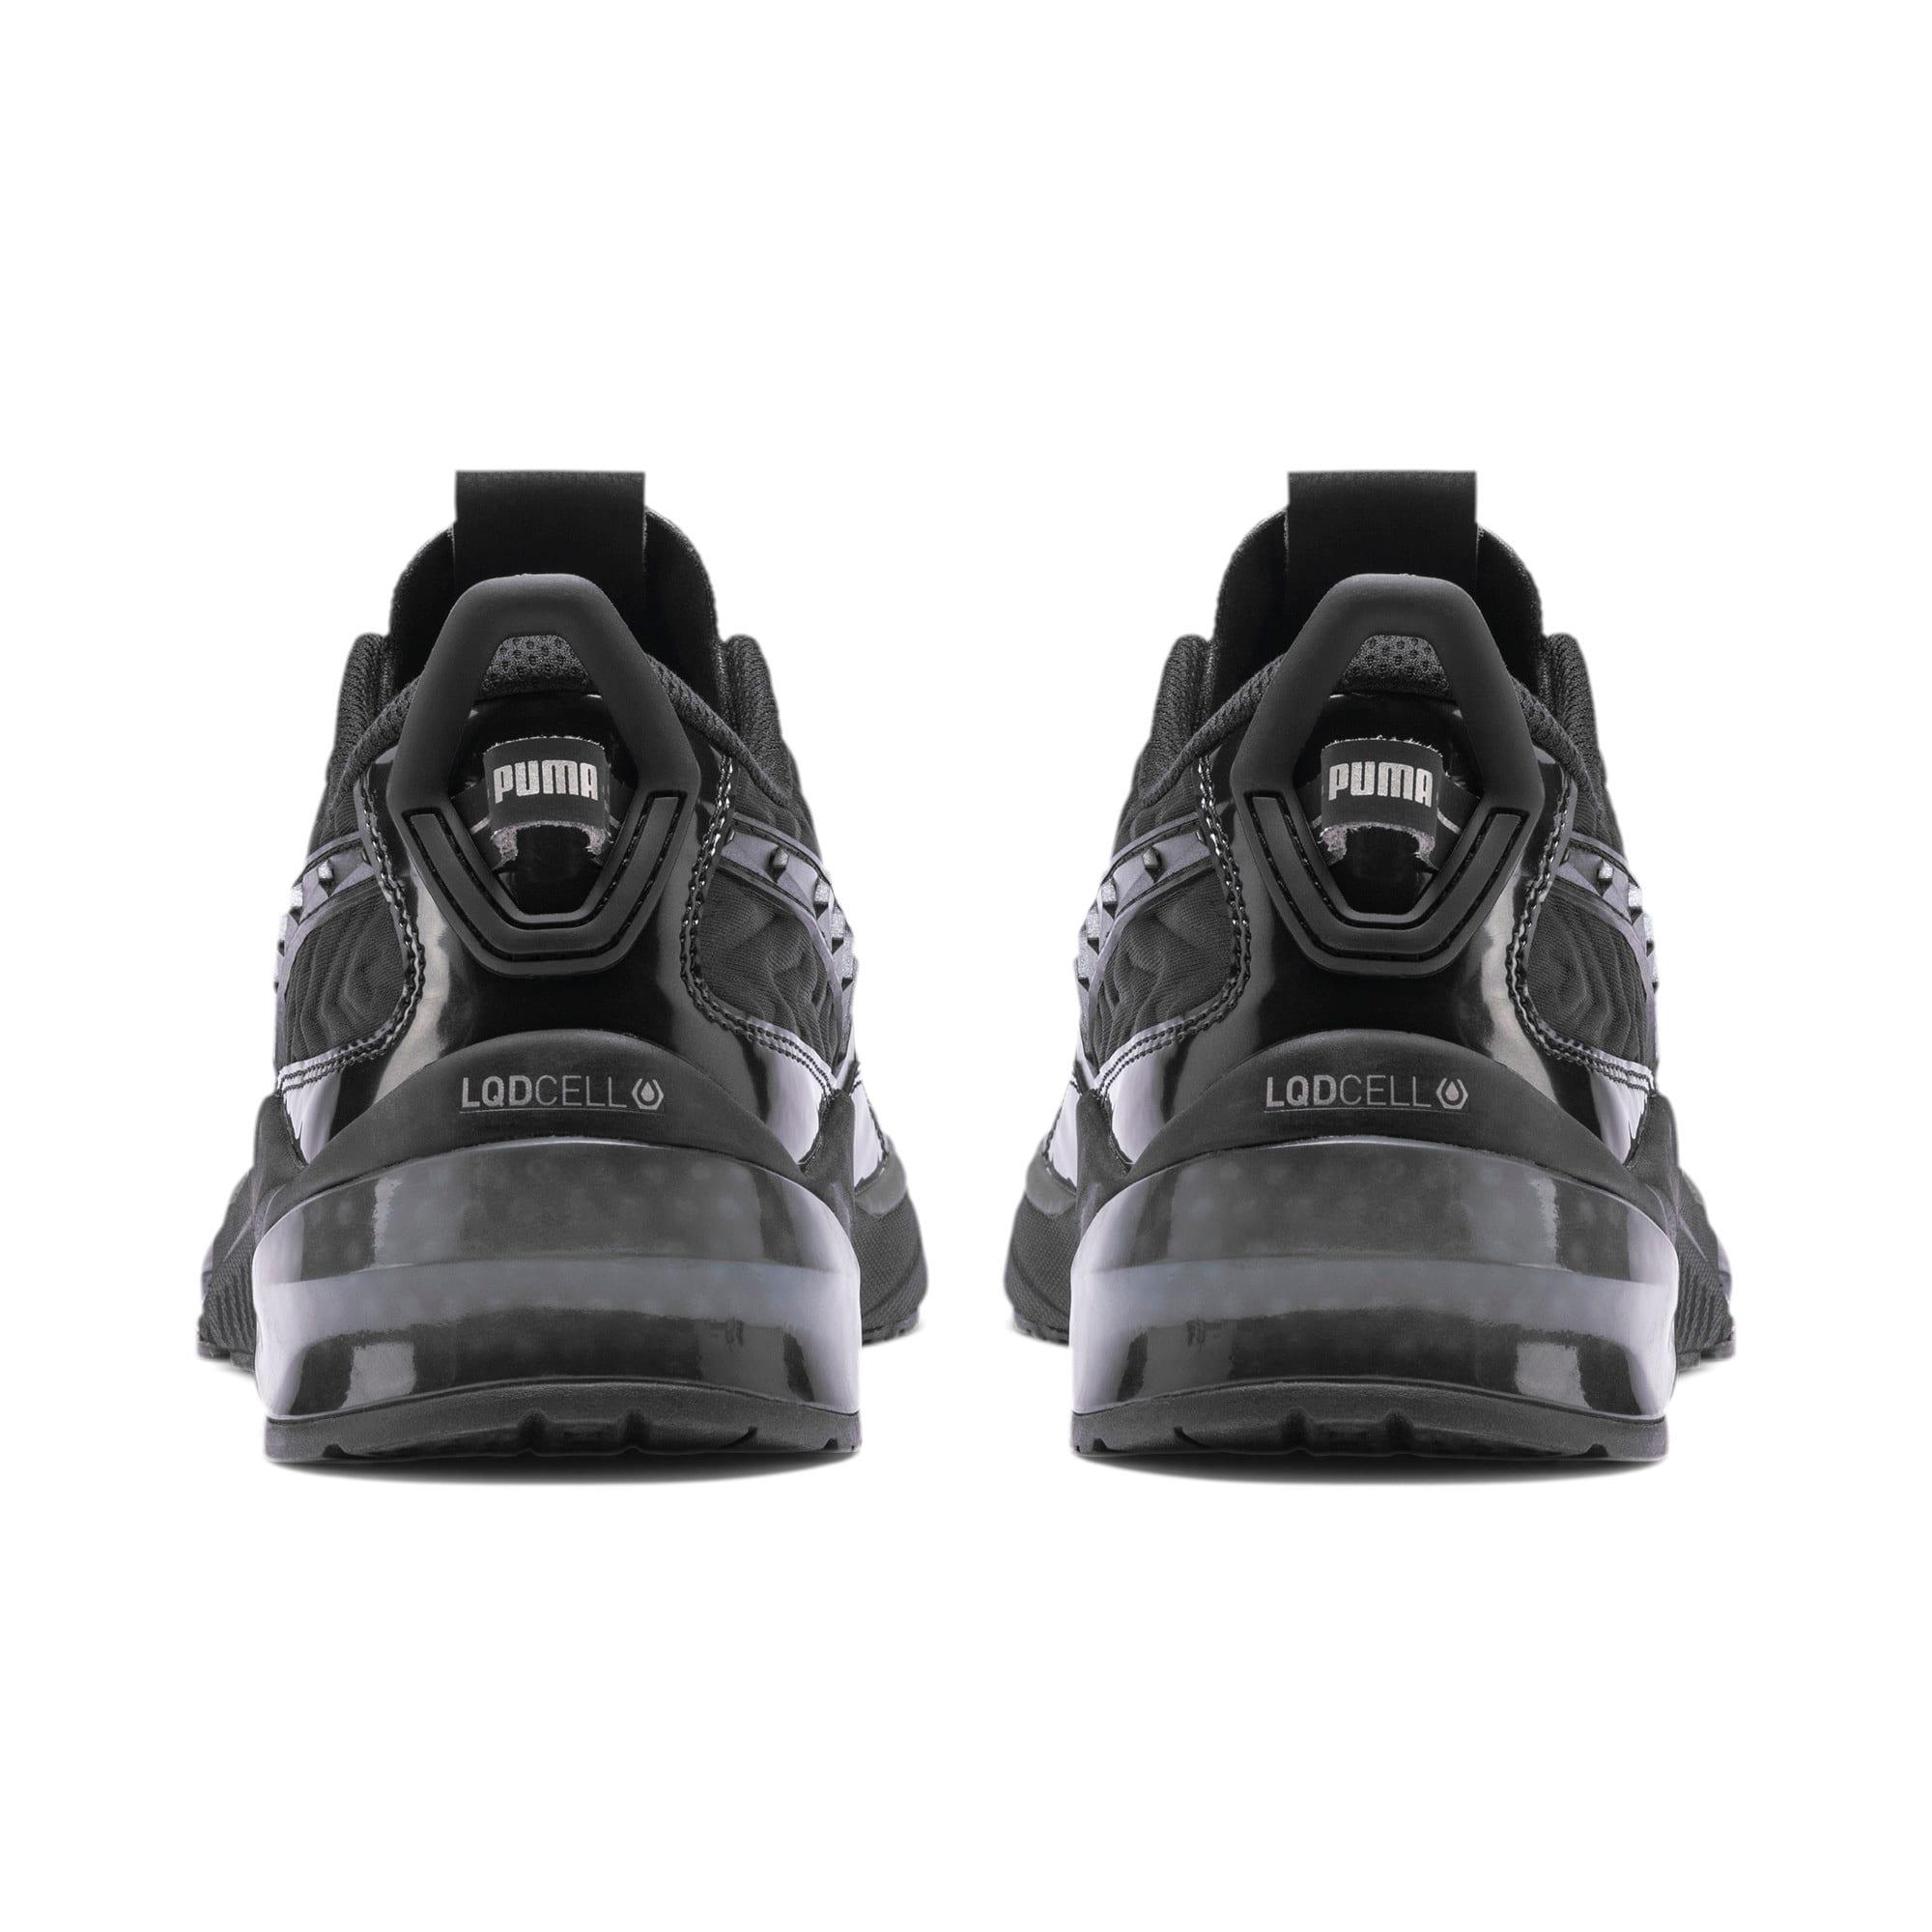 Thumbnail 3 of LQDCELL Optic Rave Men's Training Shoes, Puma Black, medium